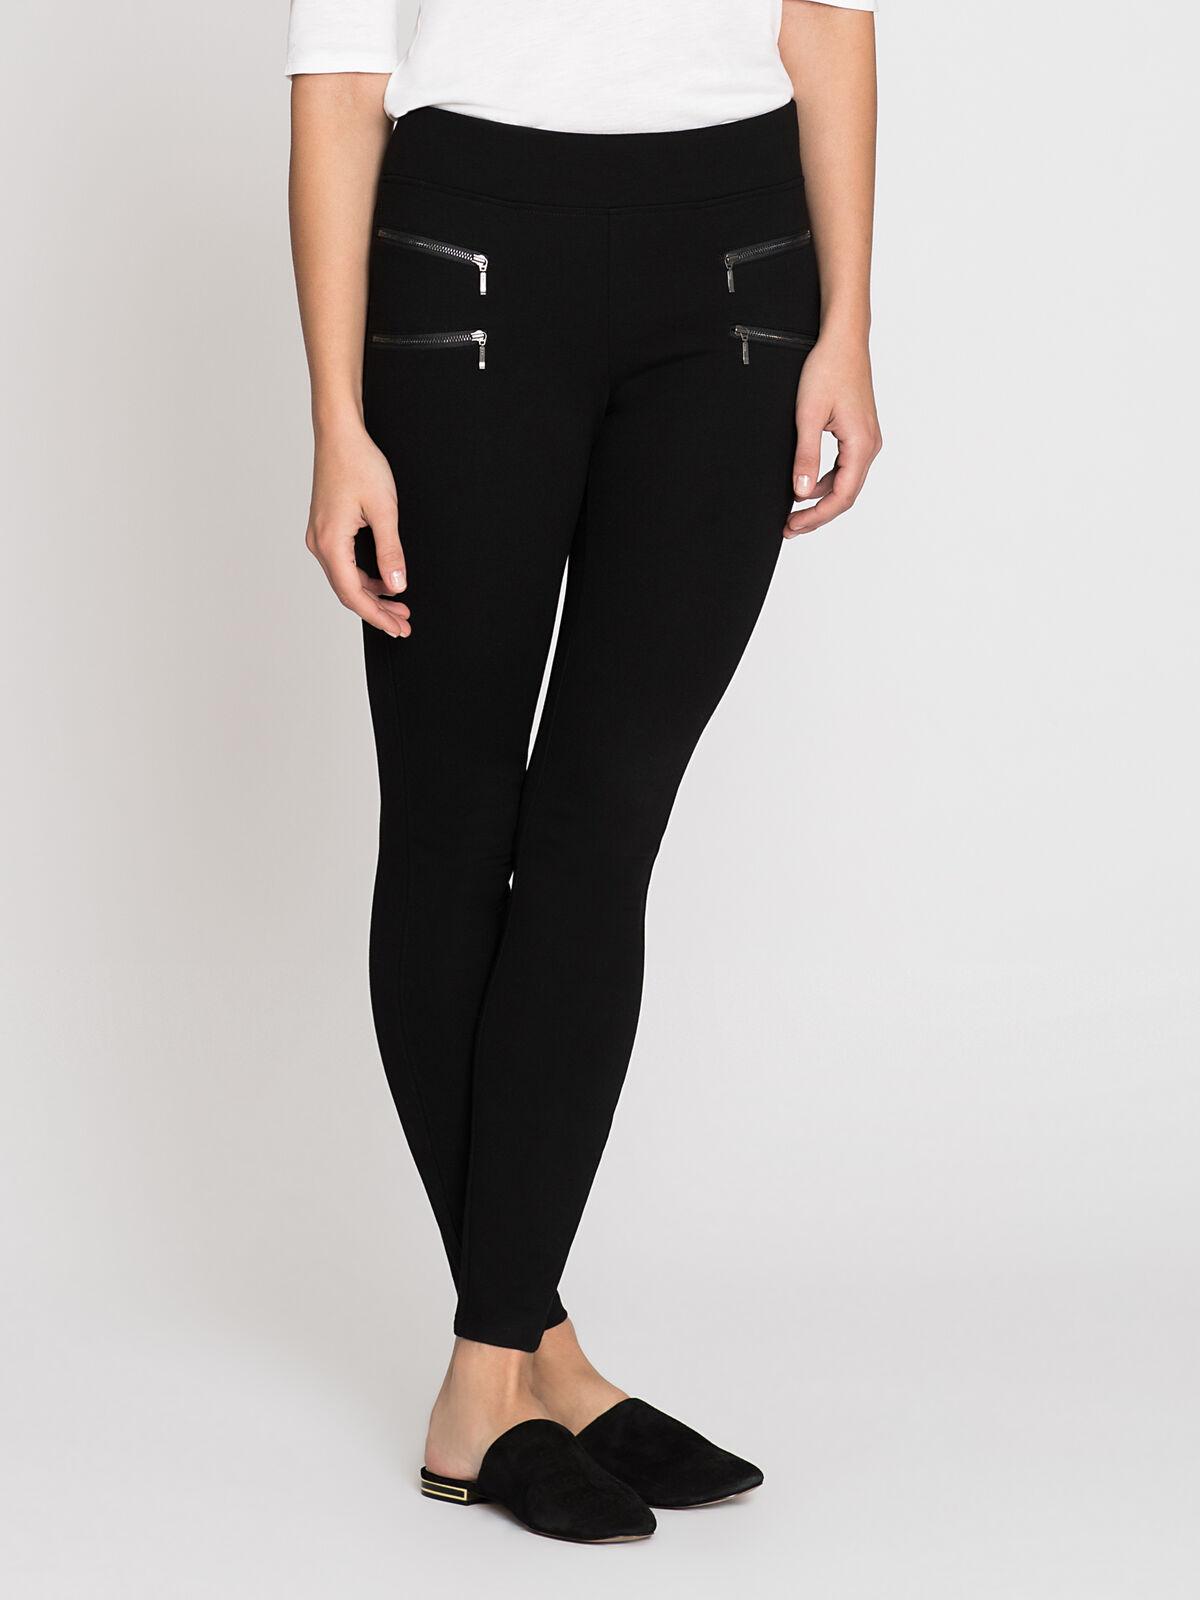 Double Zip Legging